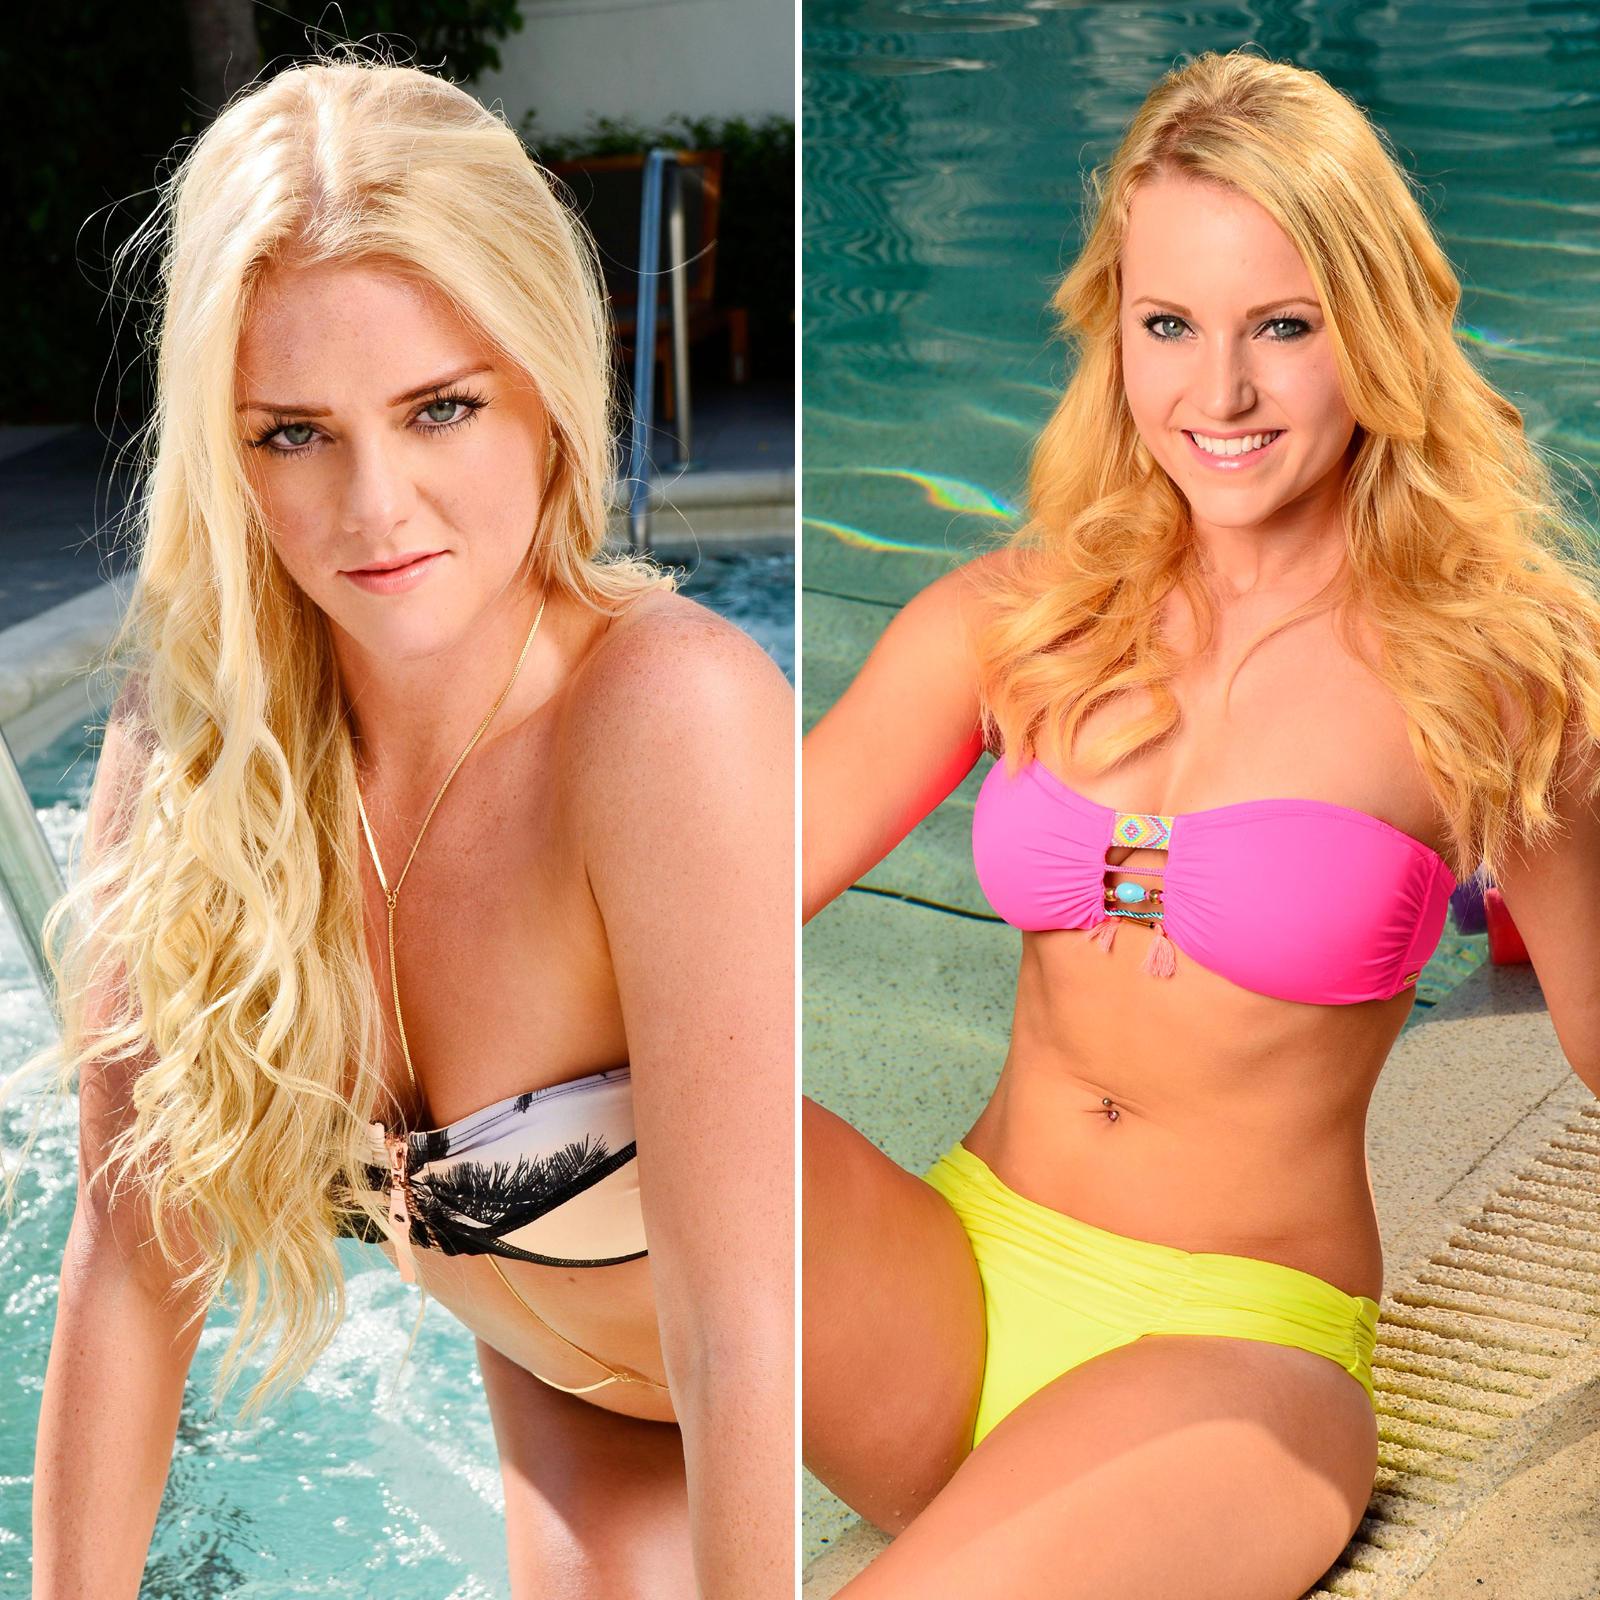 """Bereits vor Beginn der """"Bachelor""""-Sendungen wurden Daniela und Leonie in farbenfrohen Bikinis fotografiert. Ob Danis frickelige Körperkette nicht vielleicht eine ernste Lebensgefahr darstellt, sei dahingestellt. Der Neon-Indianer-Look von Leonie ist schließlich auch nicht viel besser."""